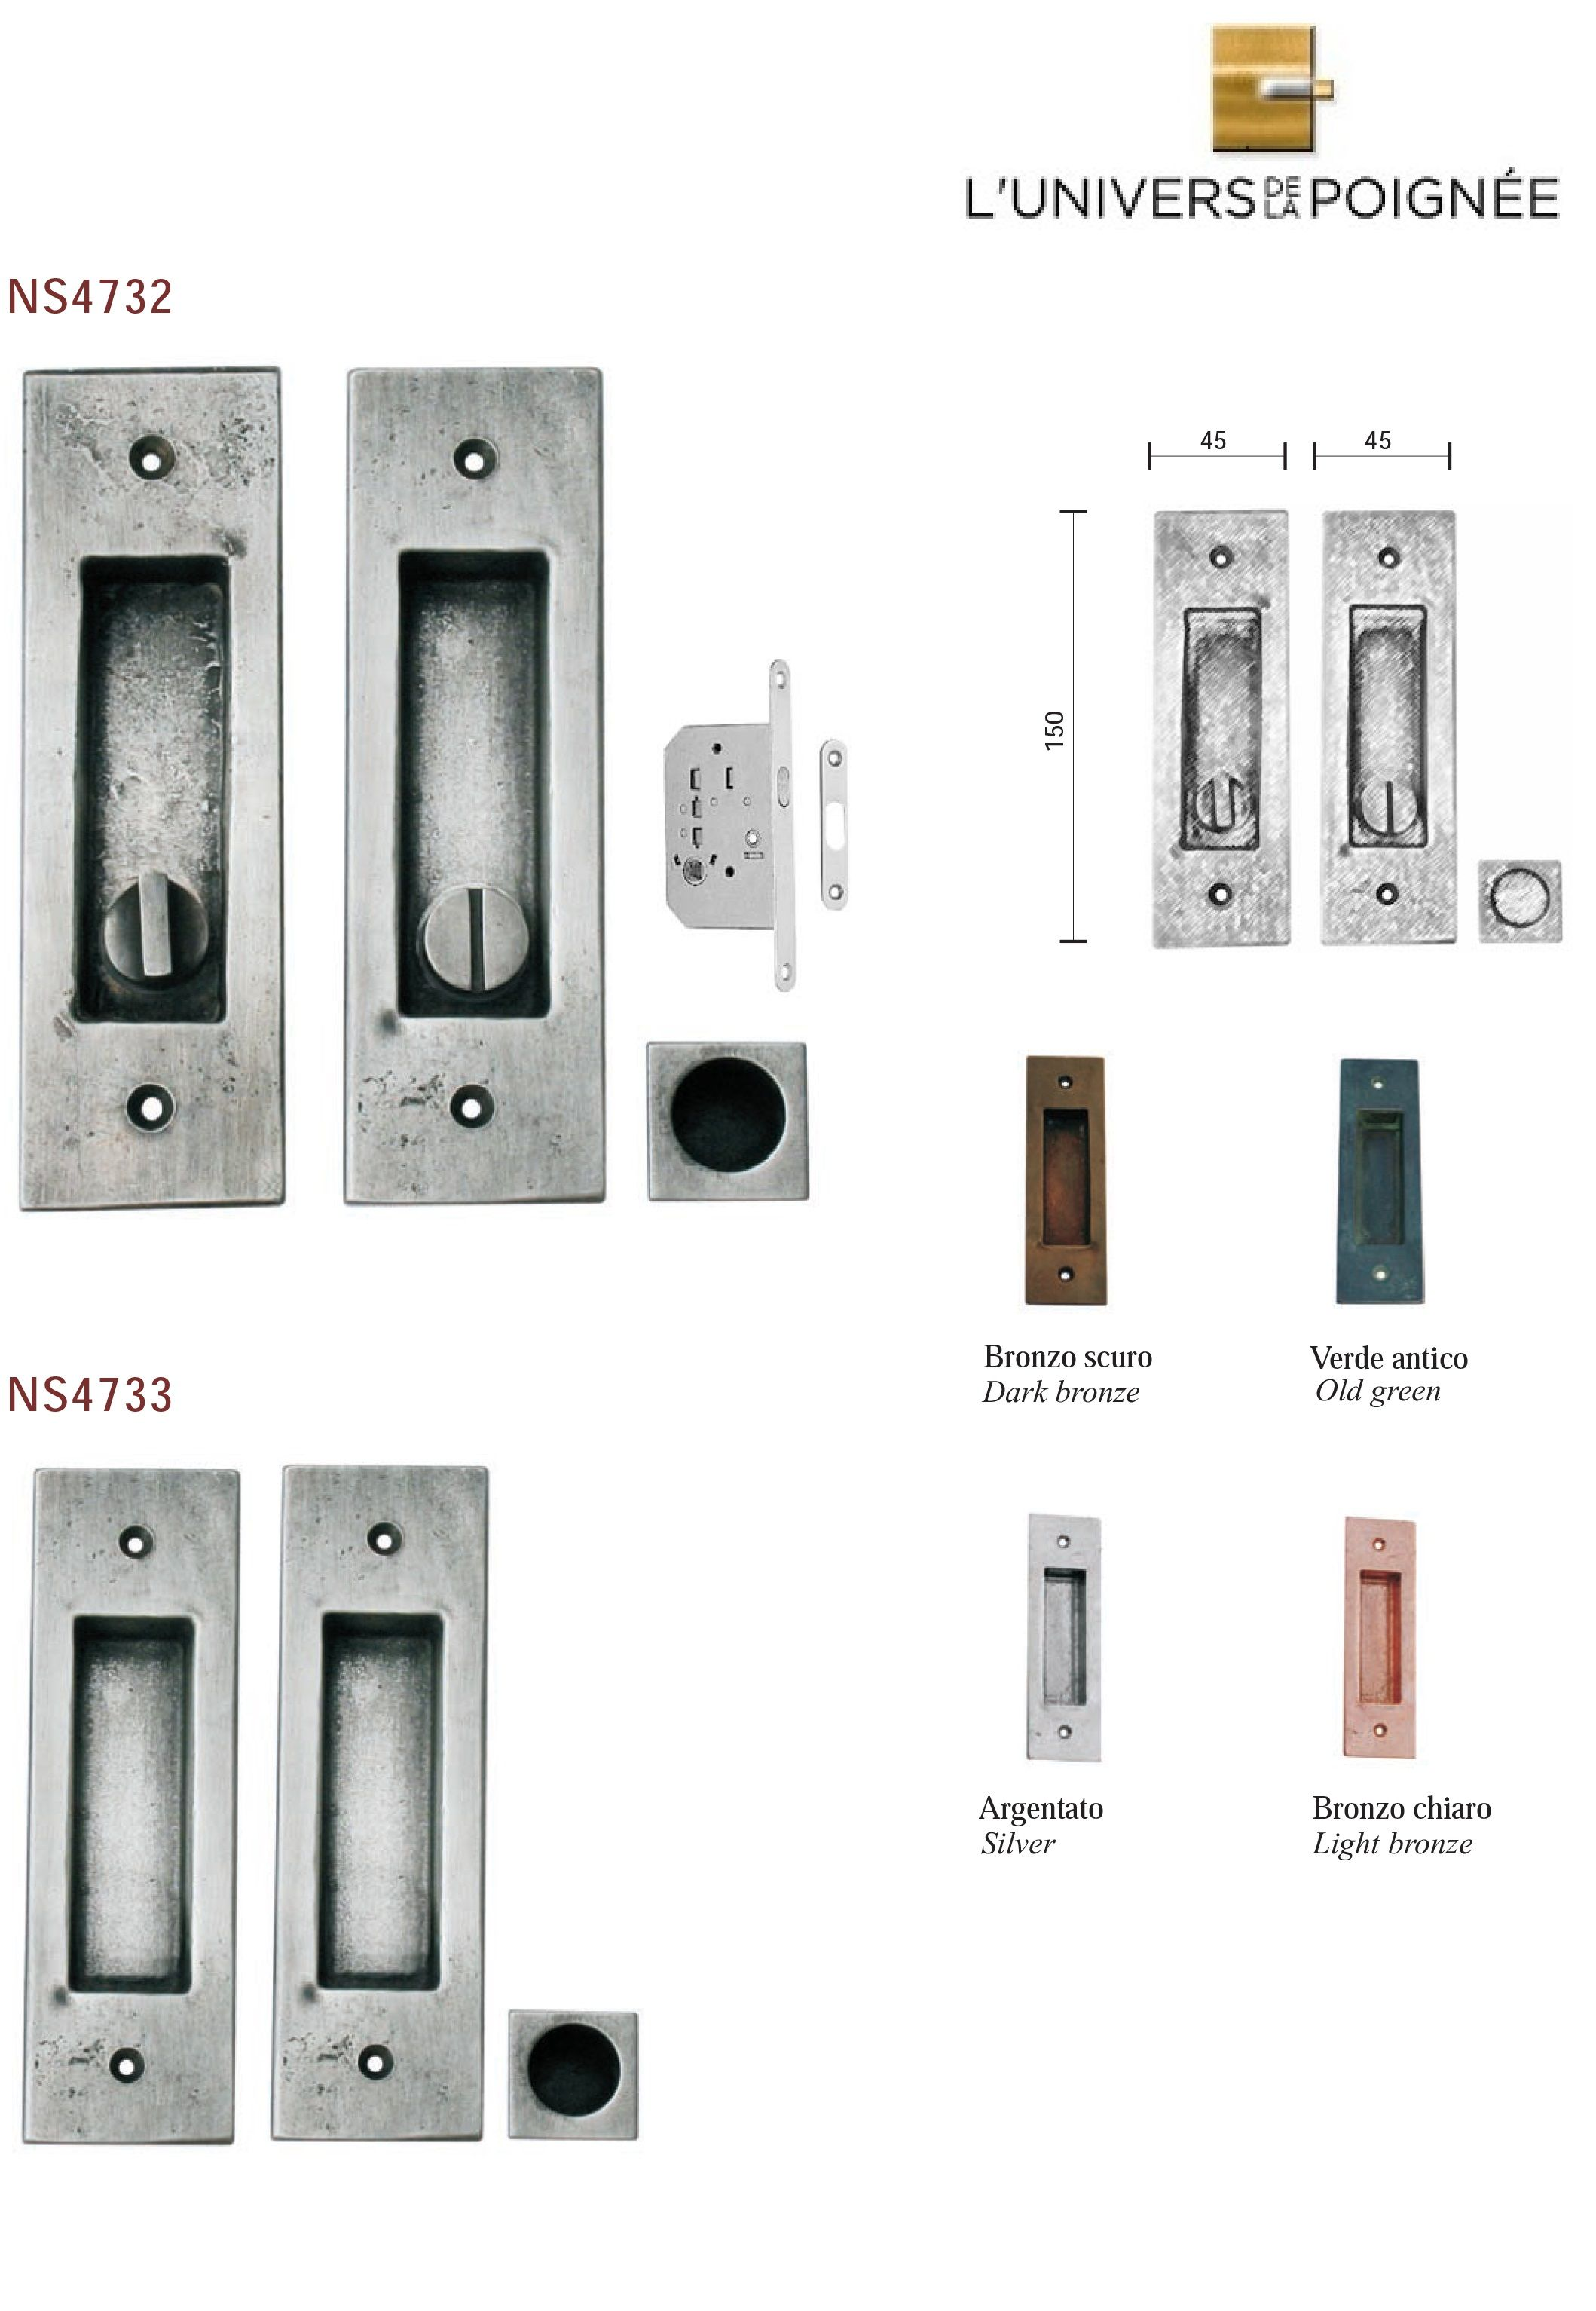 Kit encastr pour porte coulissante bronze collection l - Kit pour porte coulissante ...